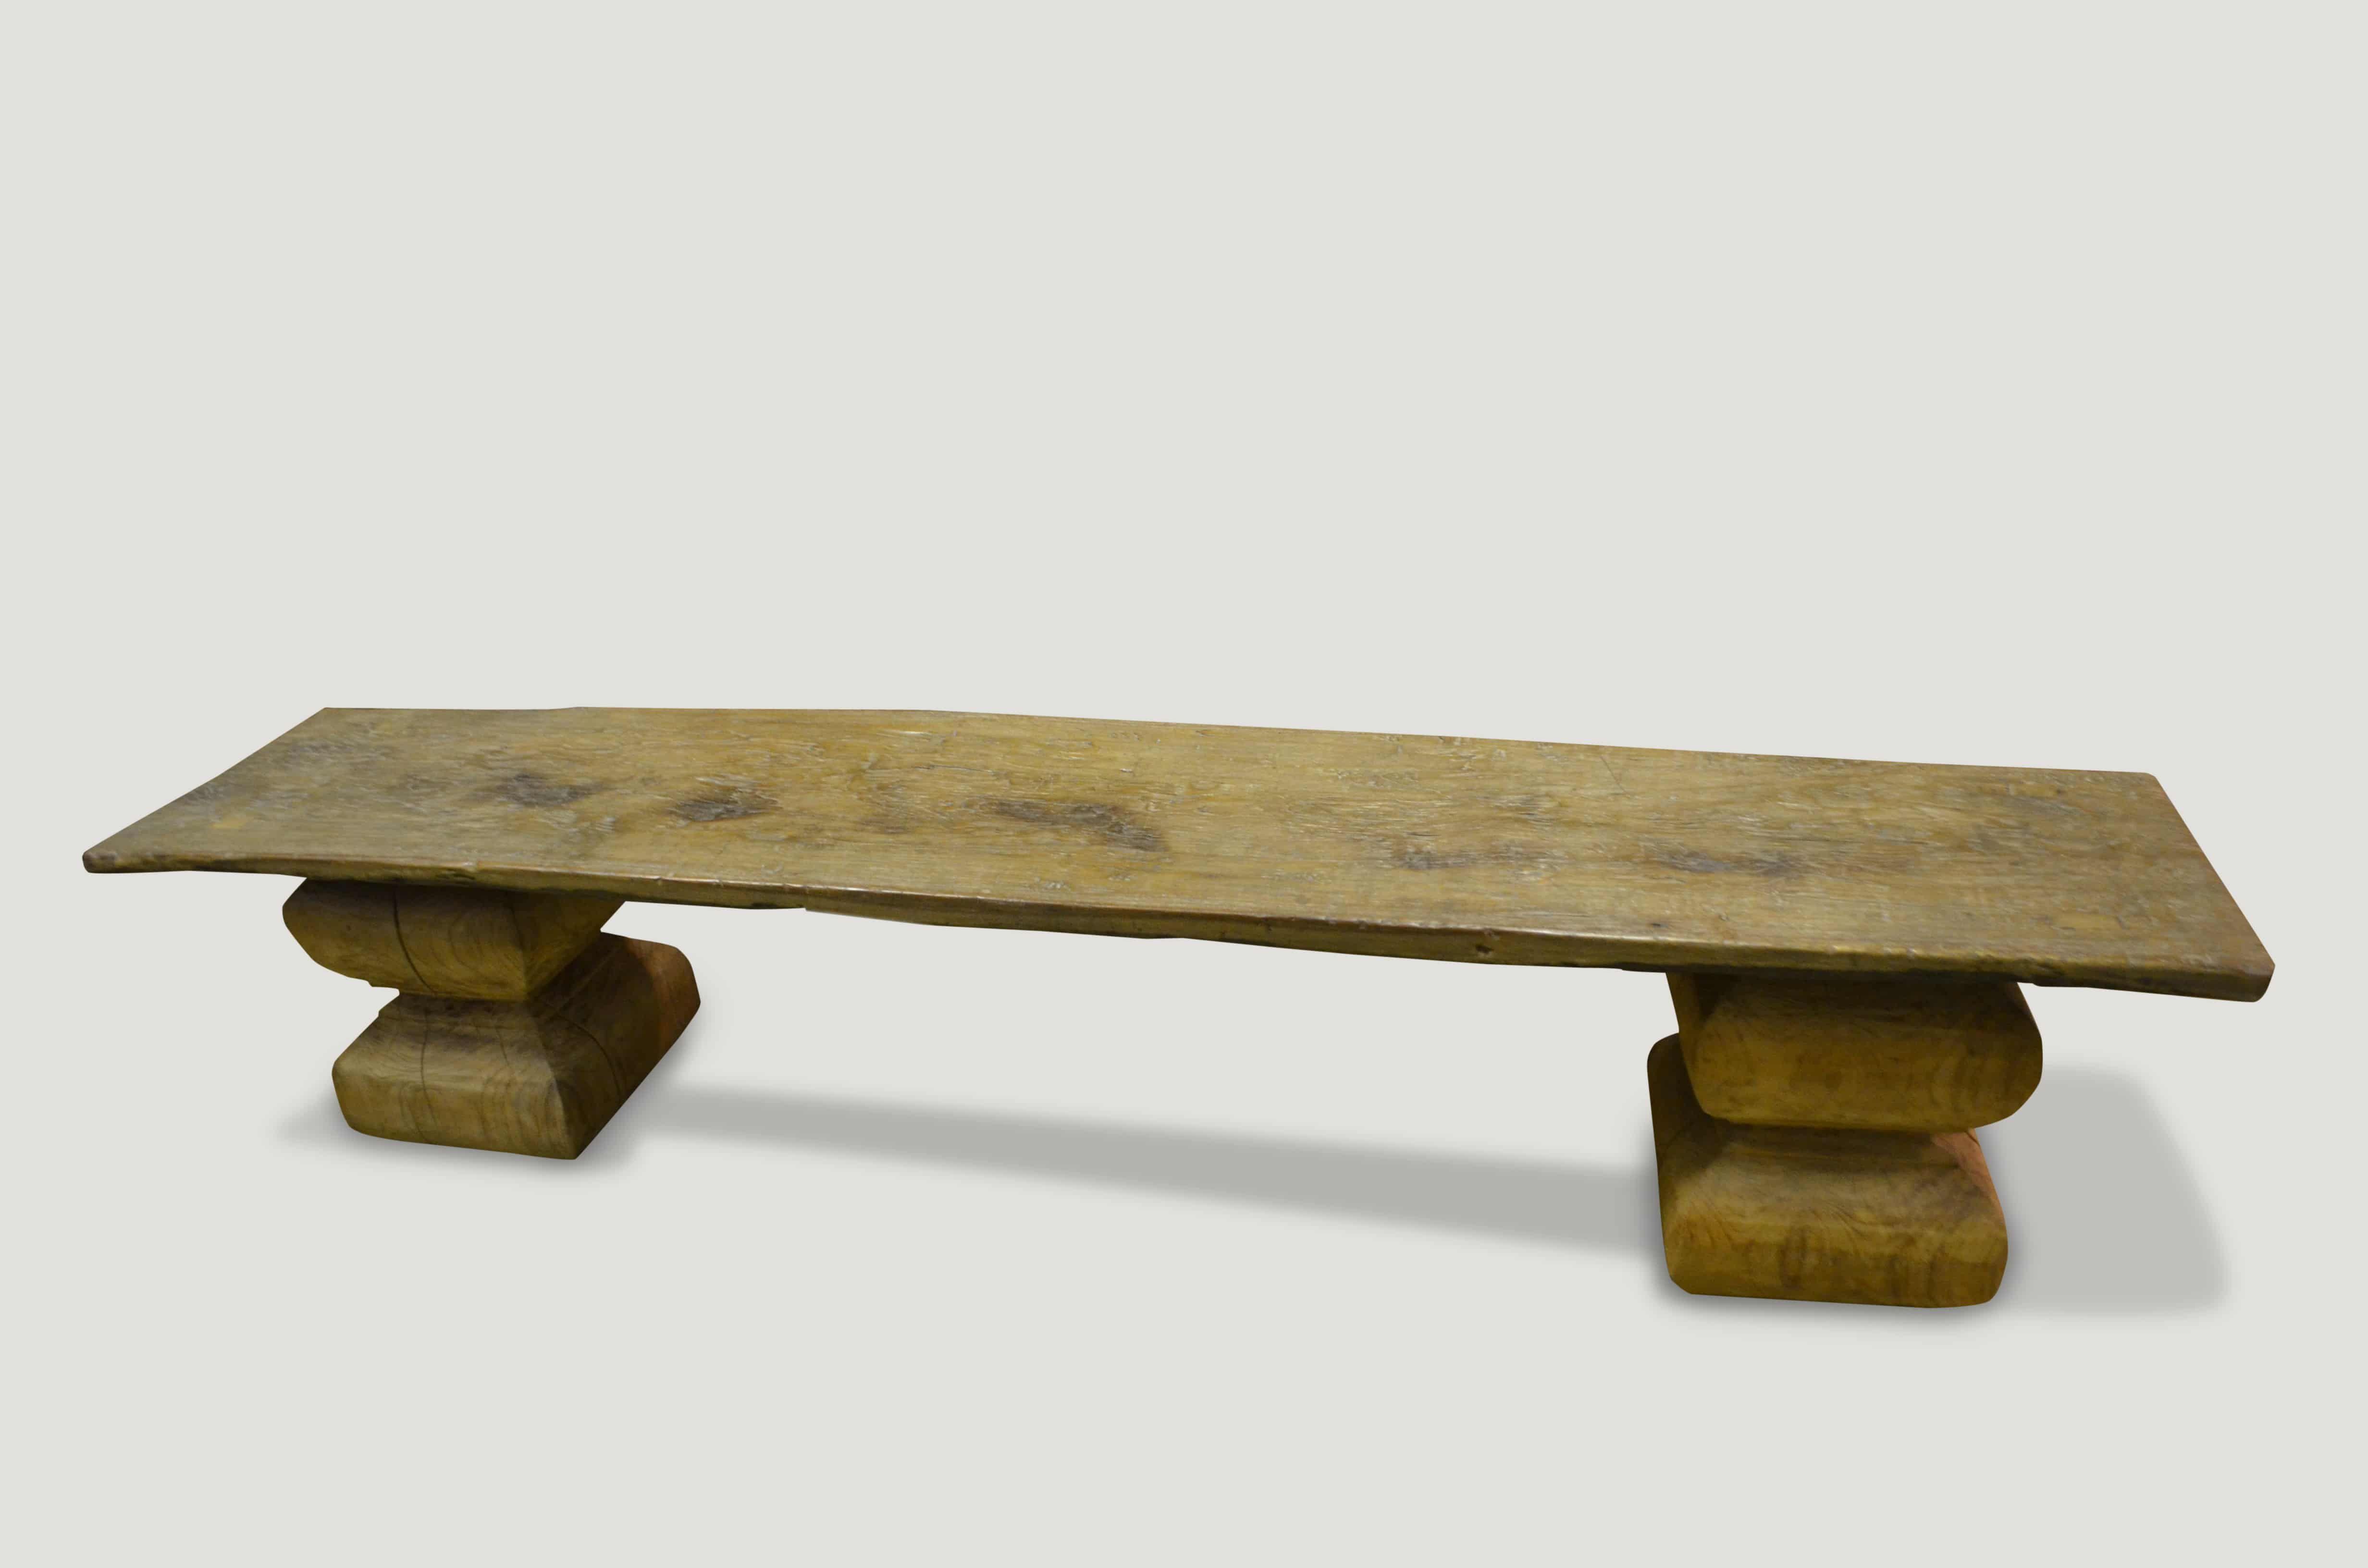 Https Andriannashamarisinc Com Wabi Sabi Teak Bench Or Coffee Table Coffee Table Teak Bench Wabi Sabi [ 3264 x 4928 Pixel ]